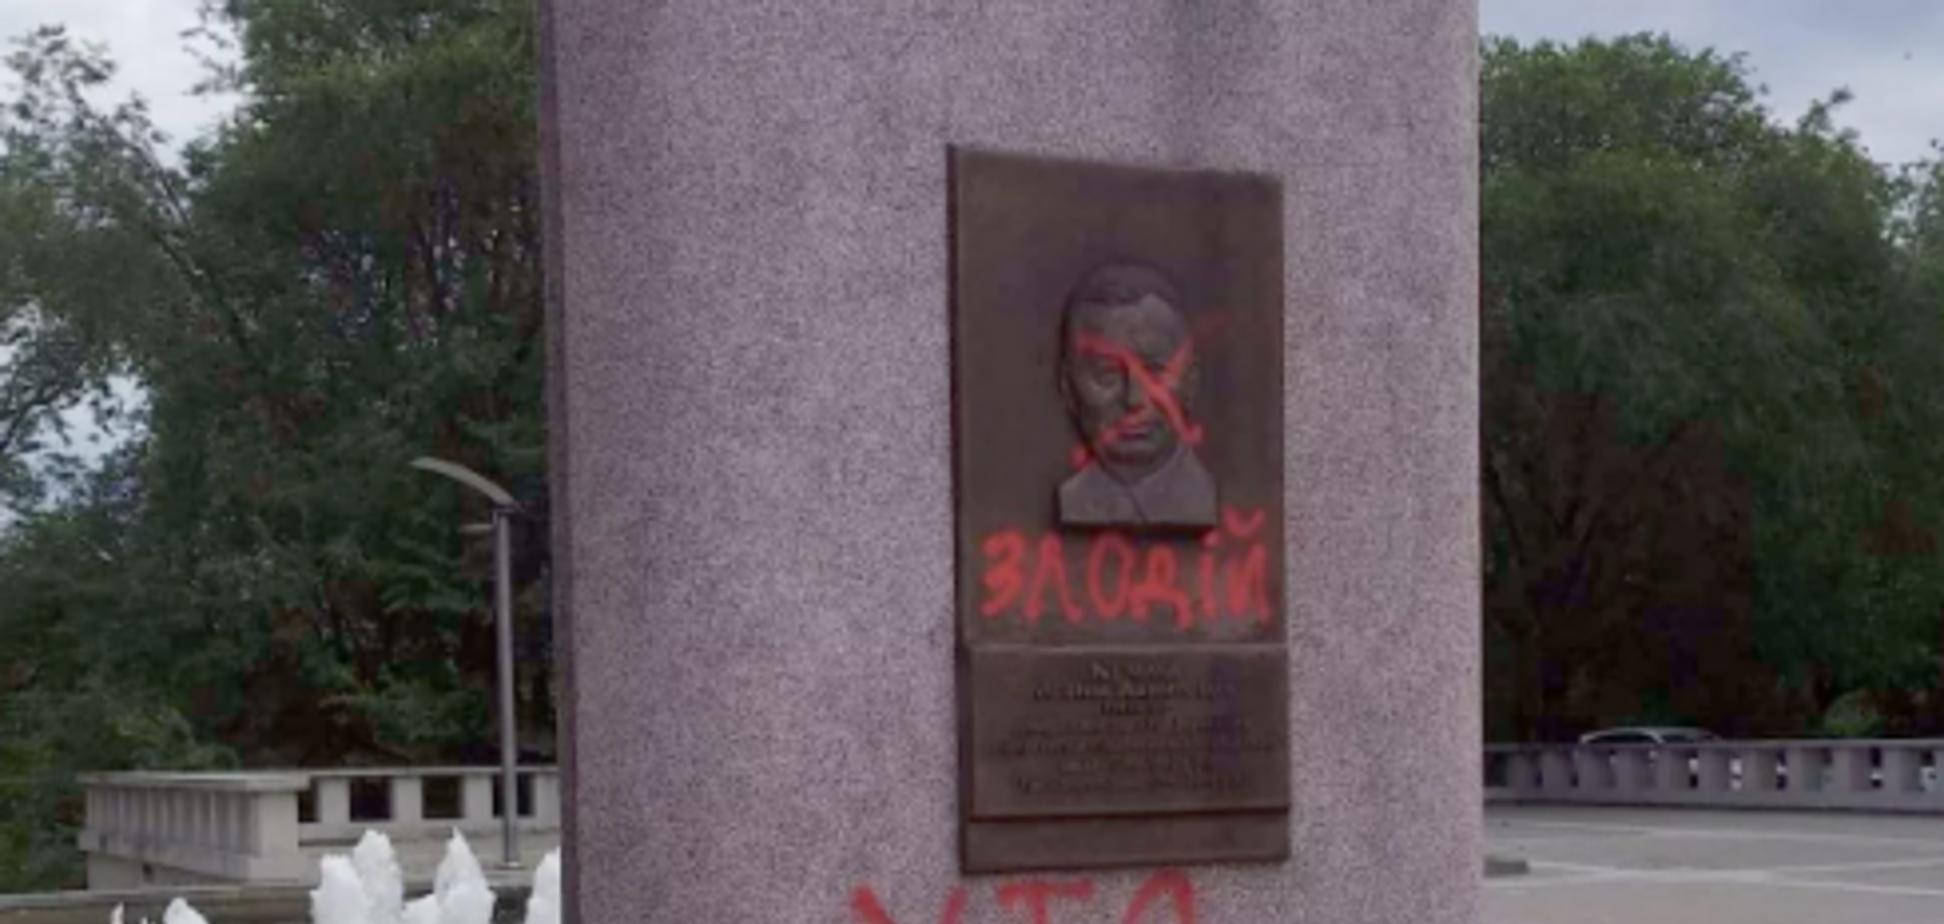 'Преступник!' В Днепре вандалы осквернили памятник президенту Украины. Фото